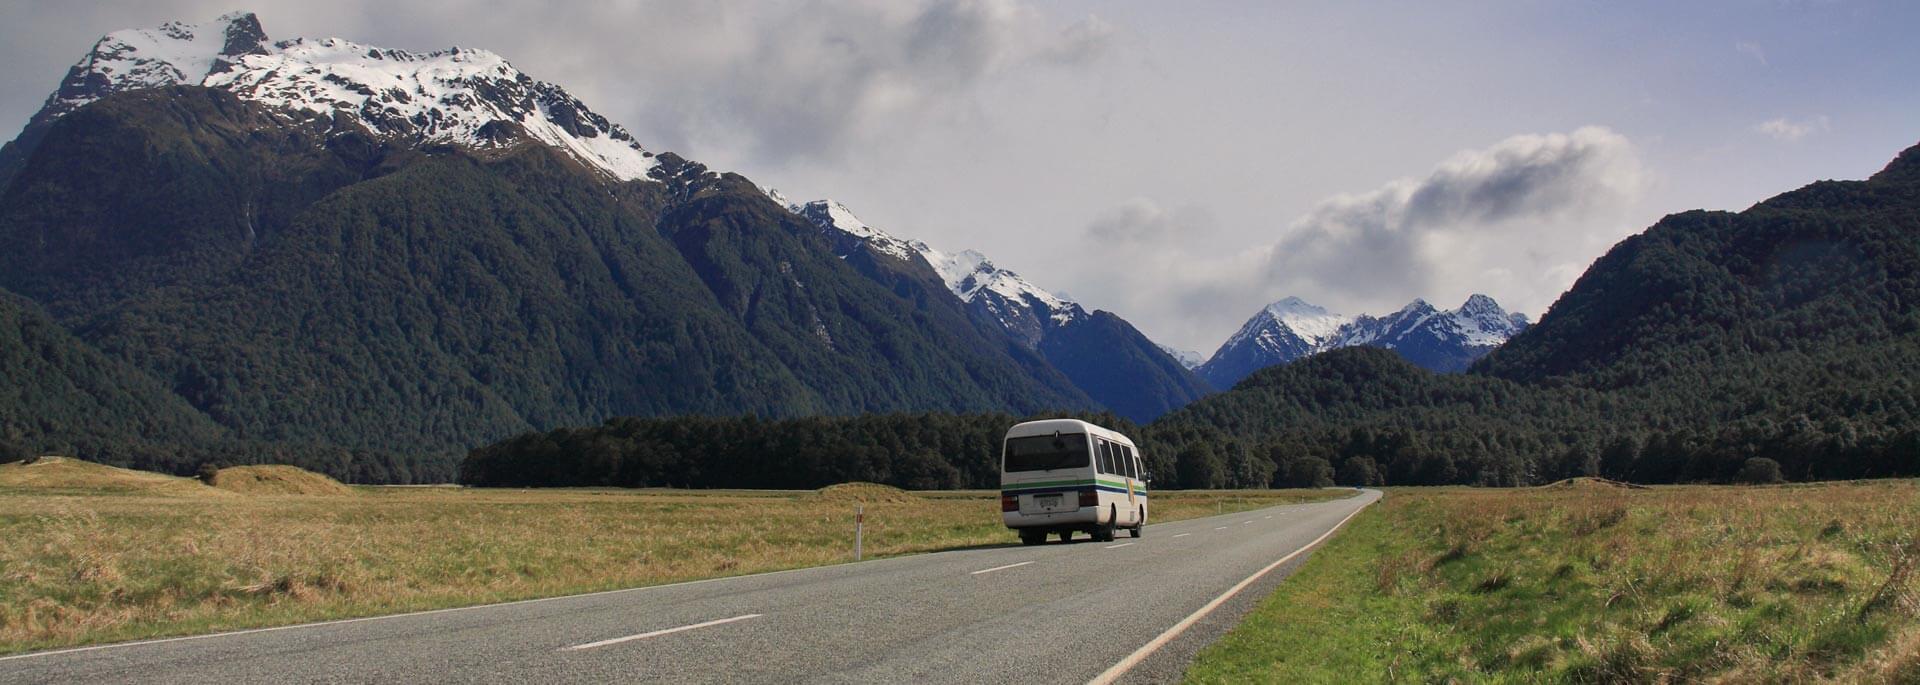 Reisetipp: Warum Neuseeland das ideale Reiseland ist